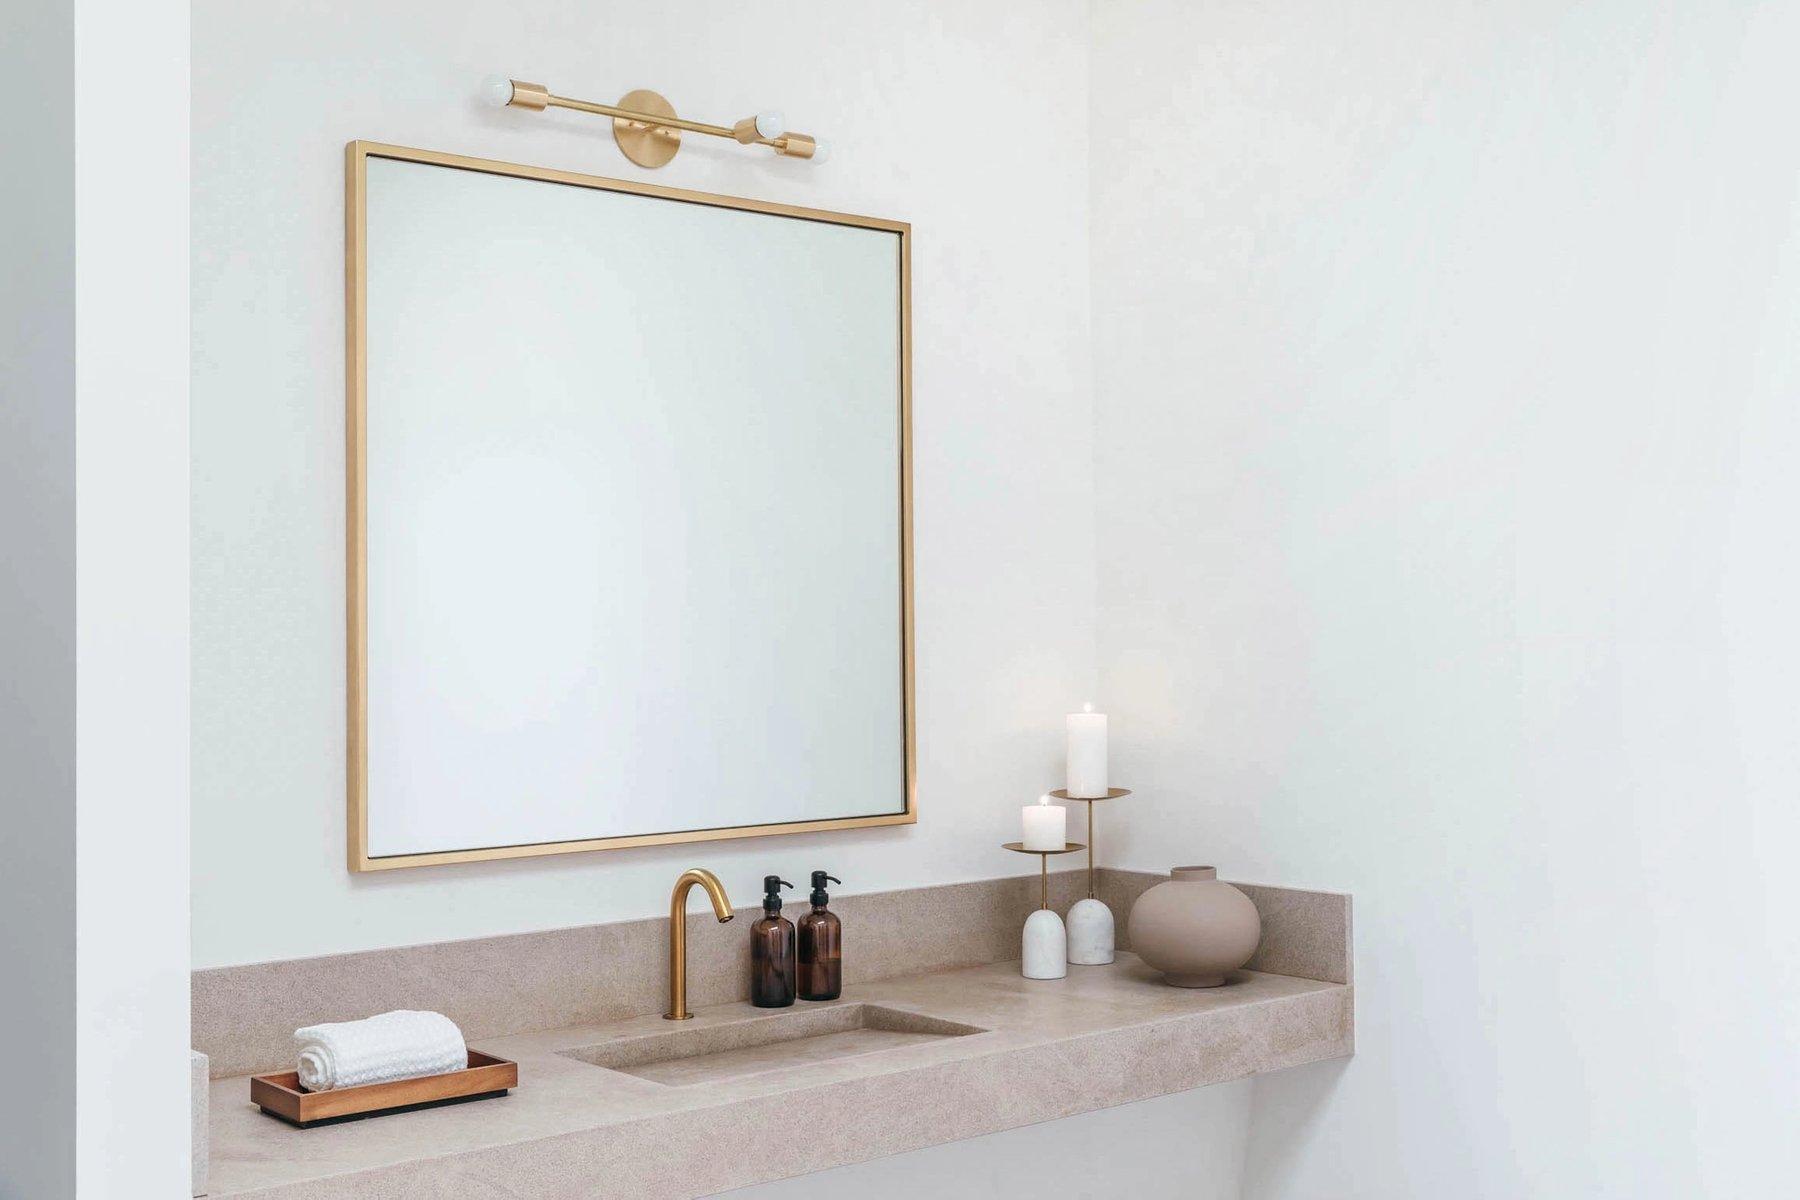 Custom limestone vanity with concealed drain